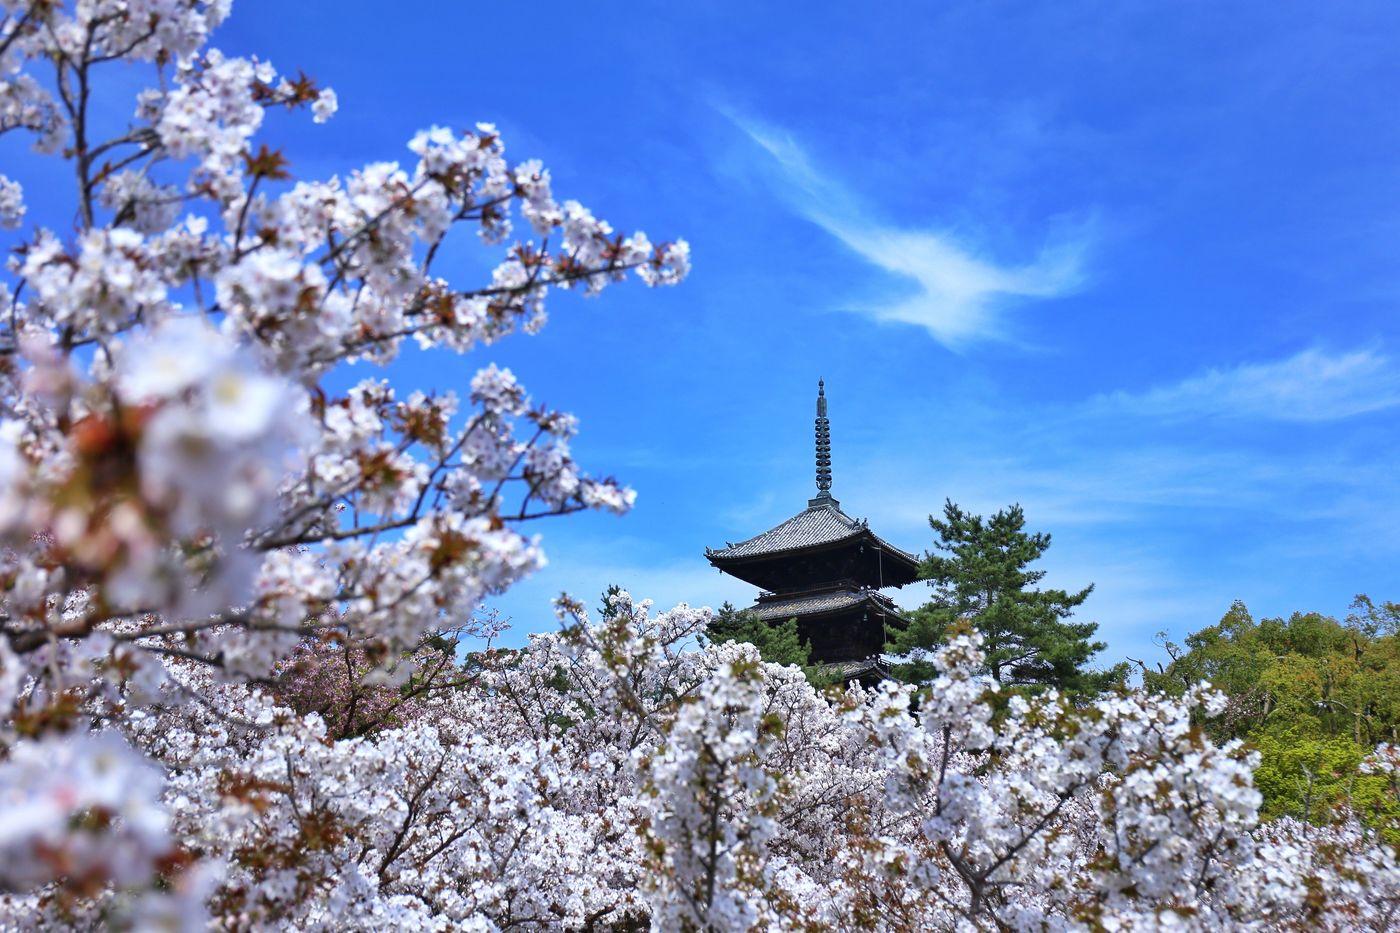 女子旅は人気の観光スポットへ!和を感じられる京都旅行特集の2枚目の画像